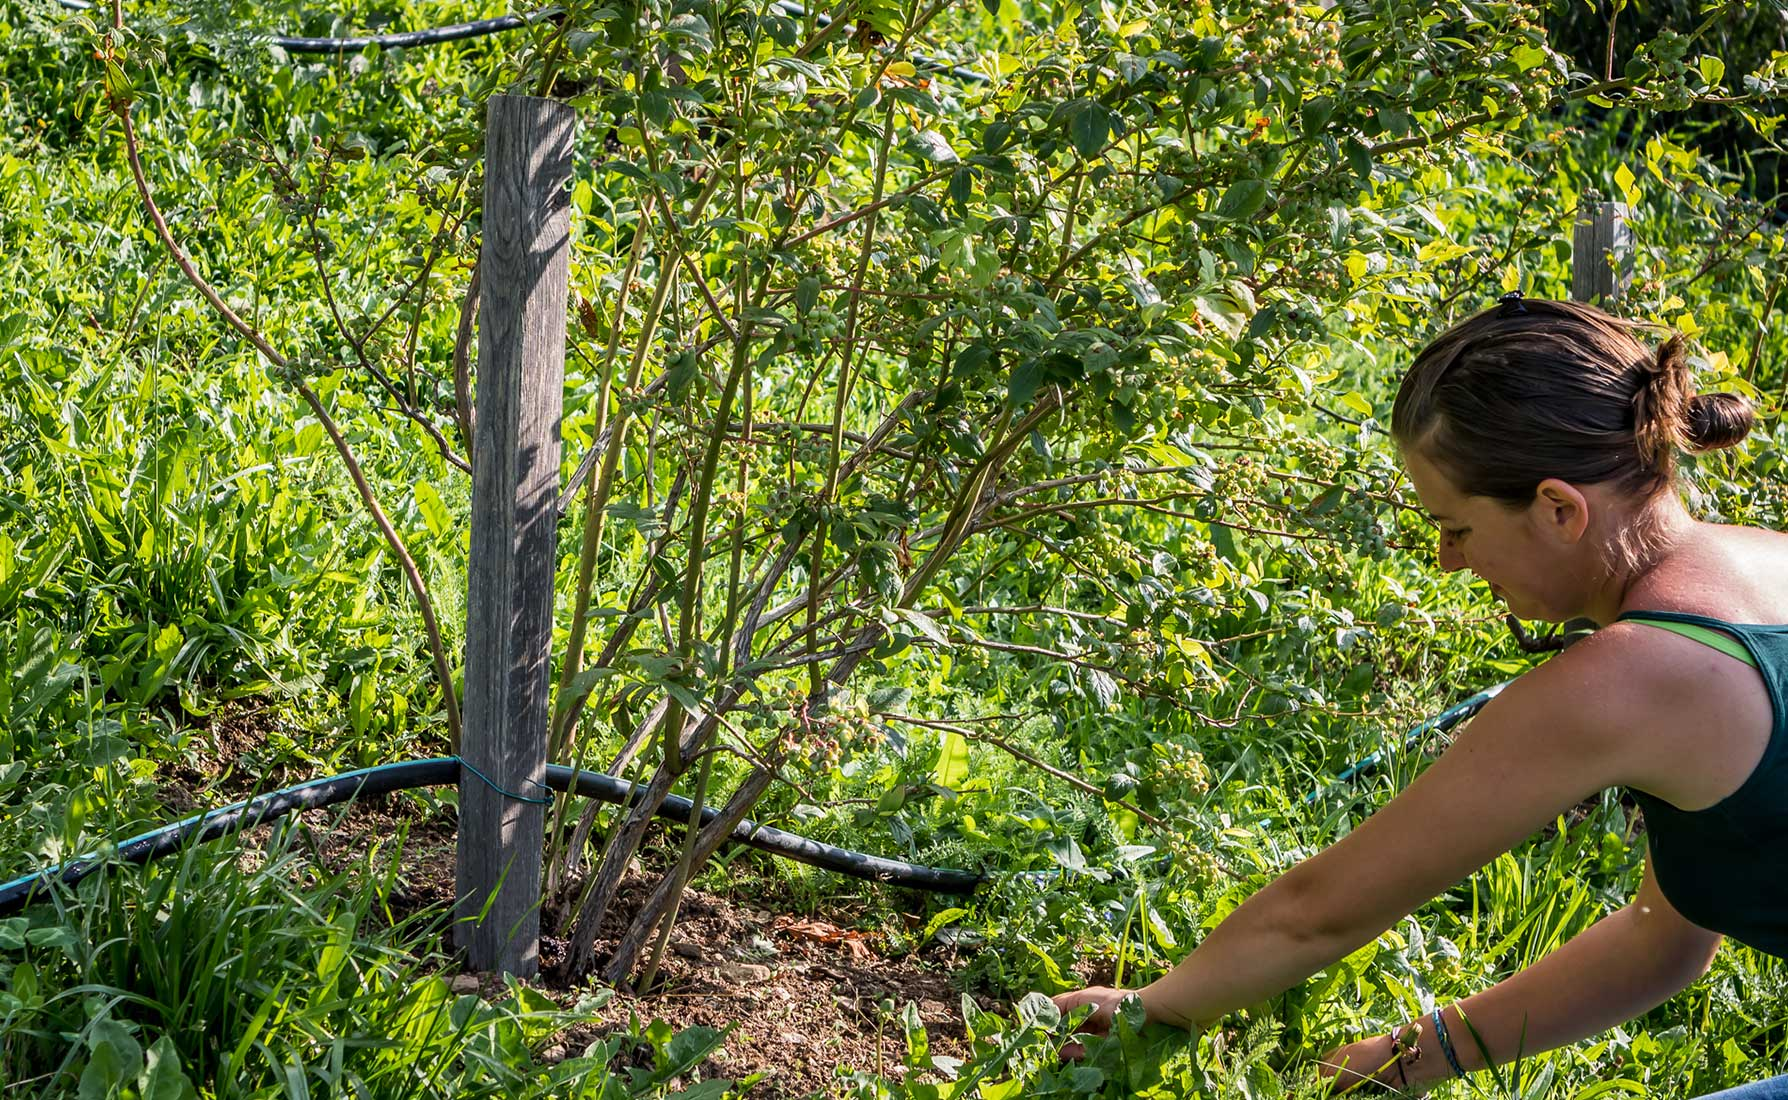 In Frazione Deles, Valentina e la sua famiglia coltivano i piccoli frutti lungo i terrazzamenti